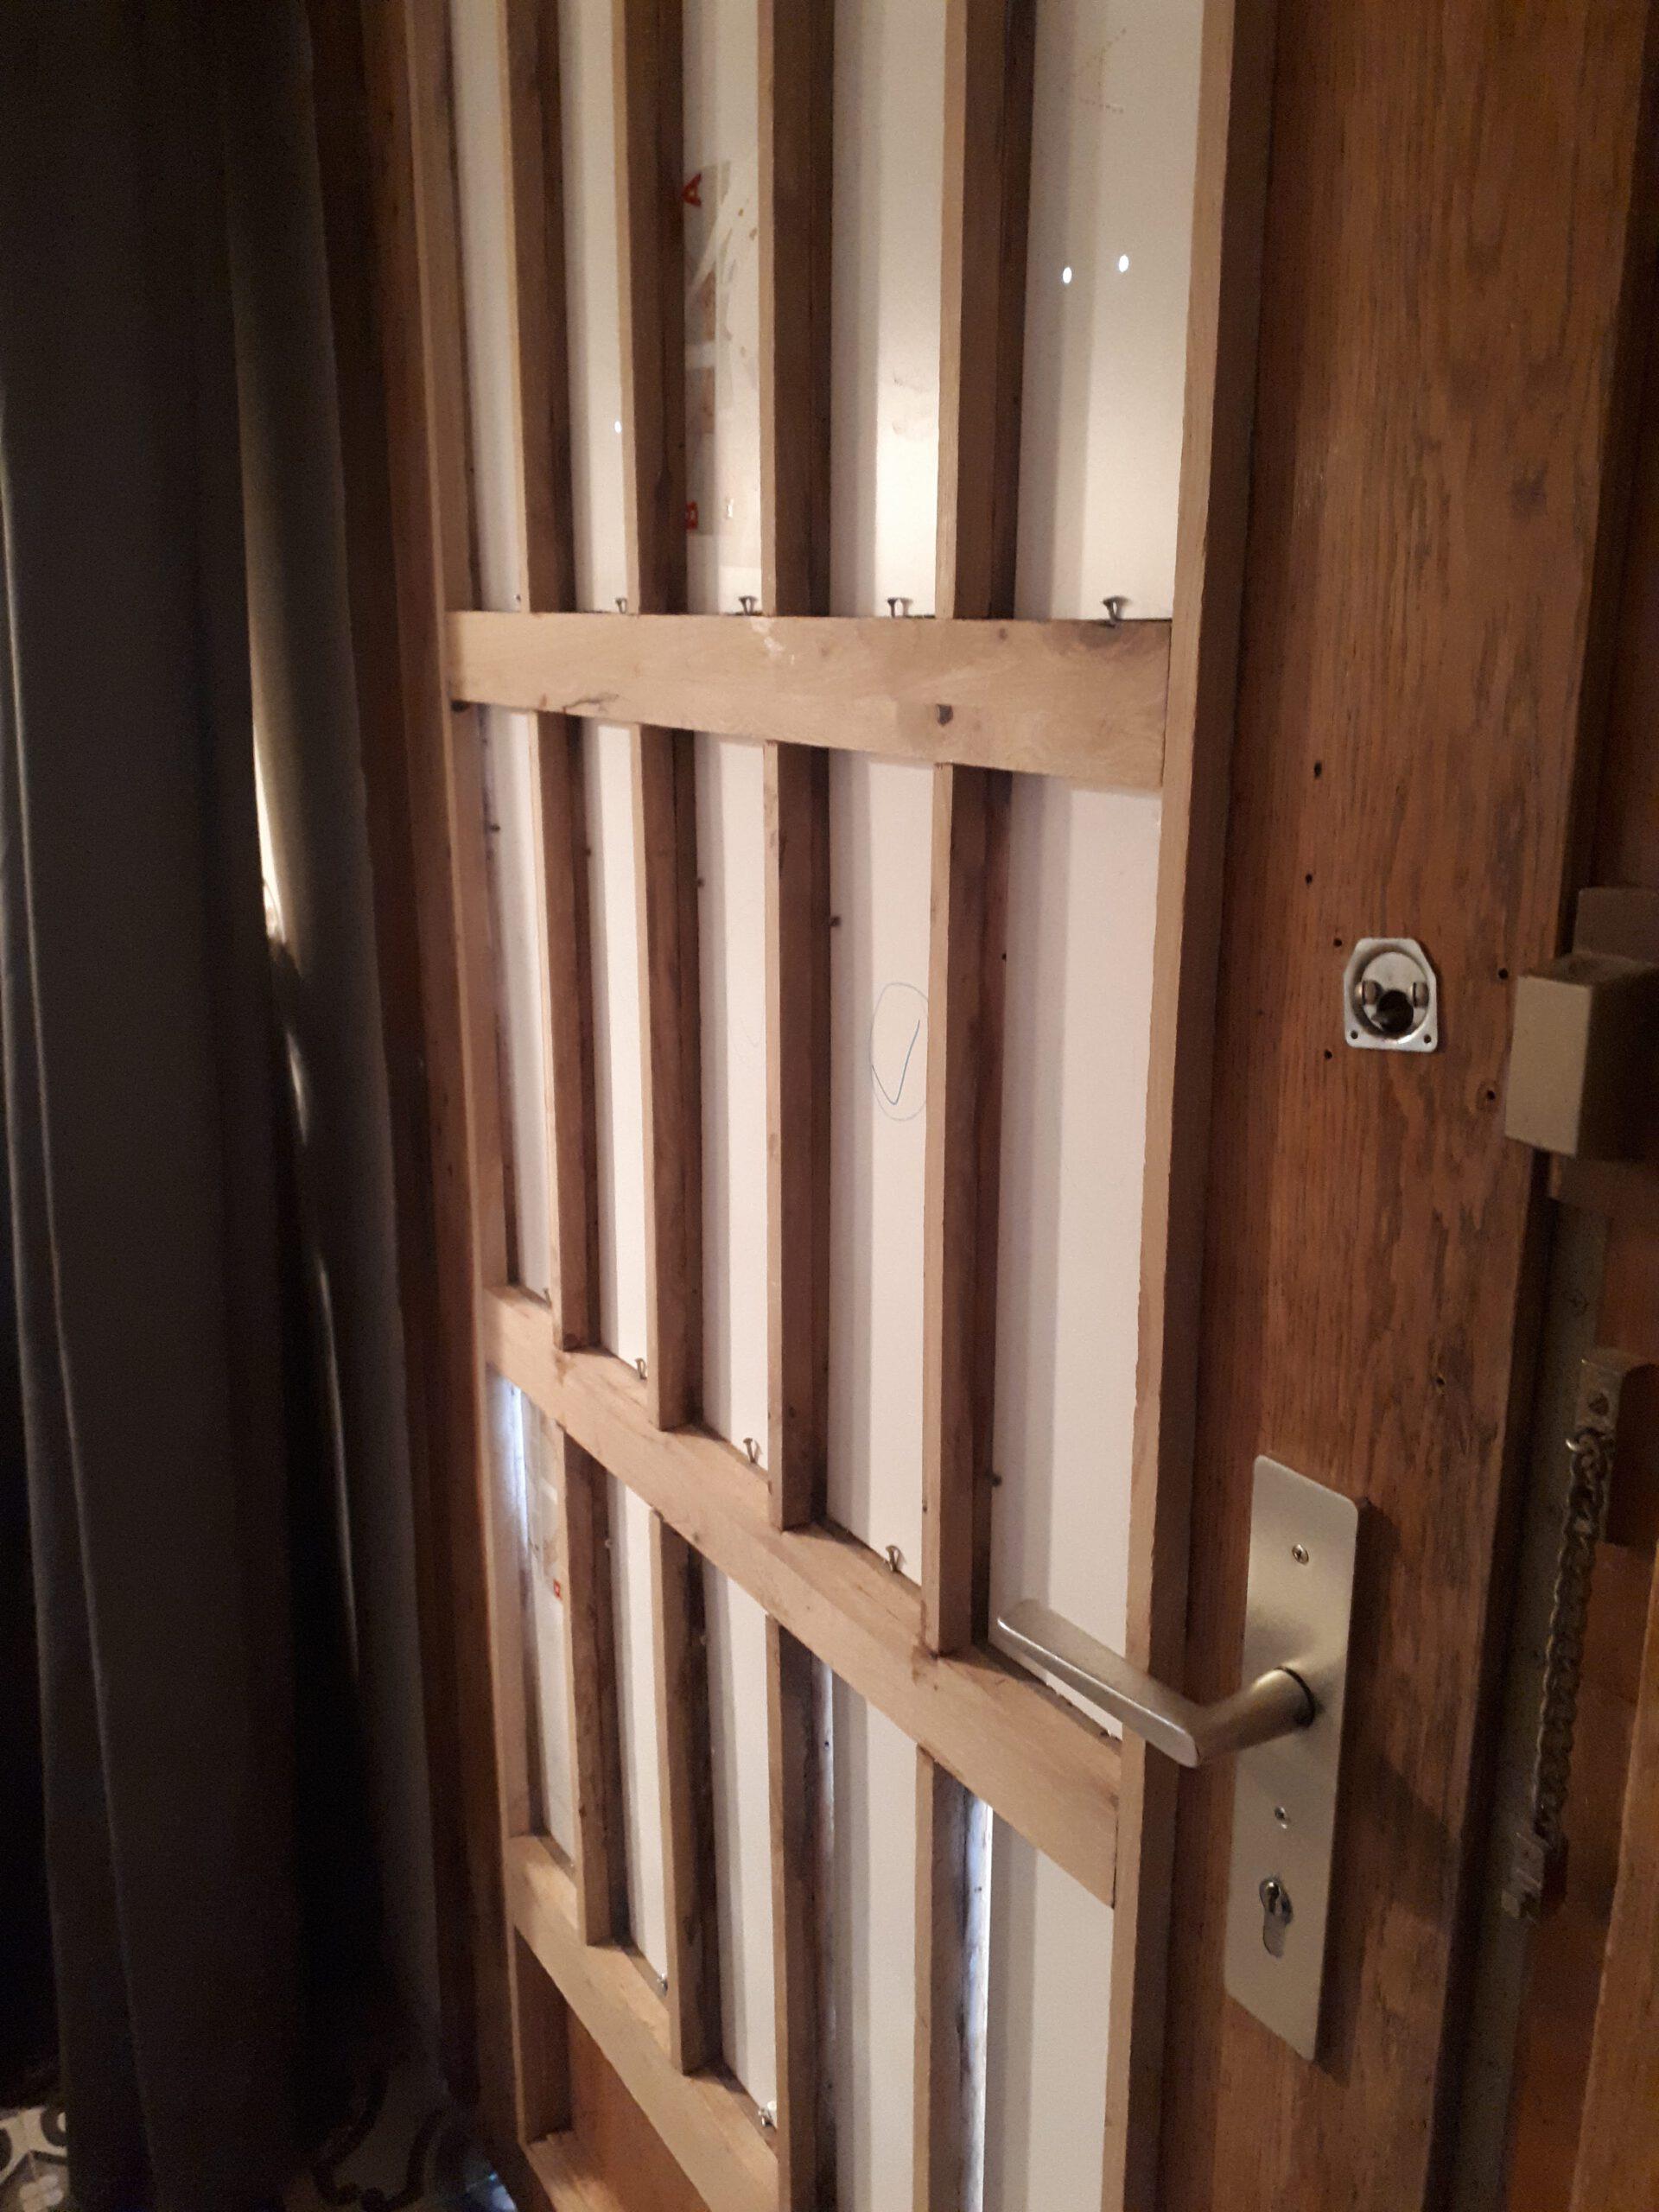 Die alte Haustür wurde mit Eicheleisten aufgedoppelt um eine Zweifachverglasung montieren zu können